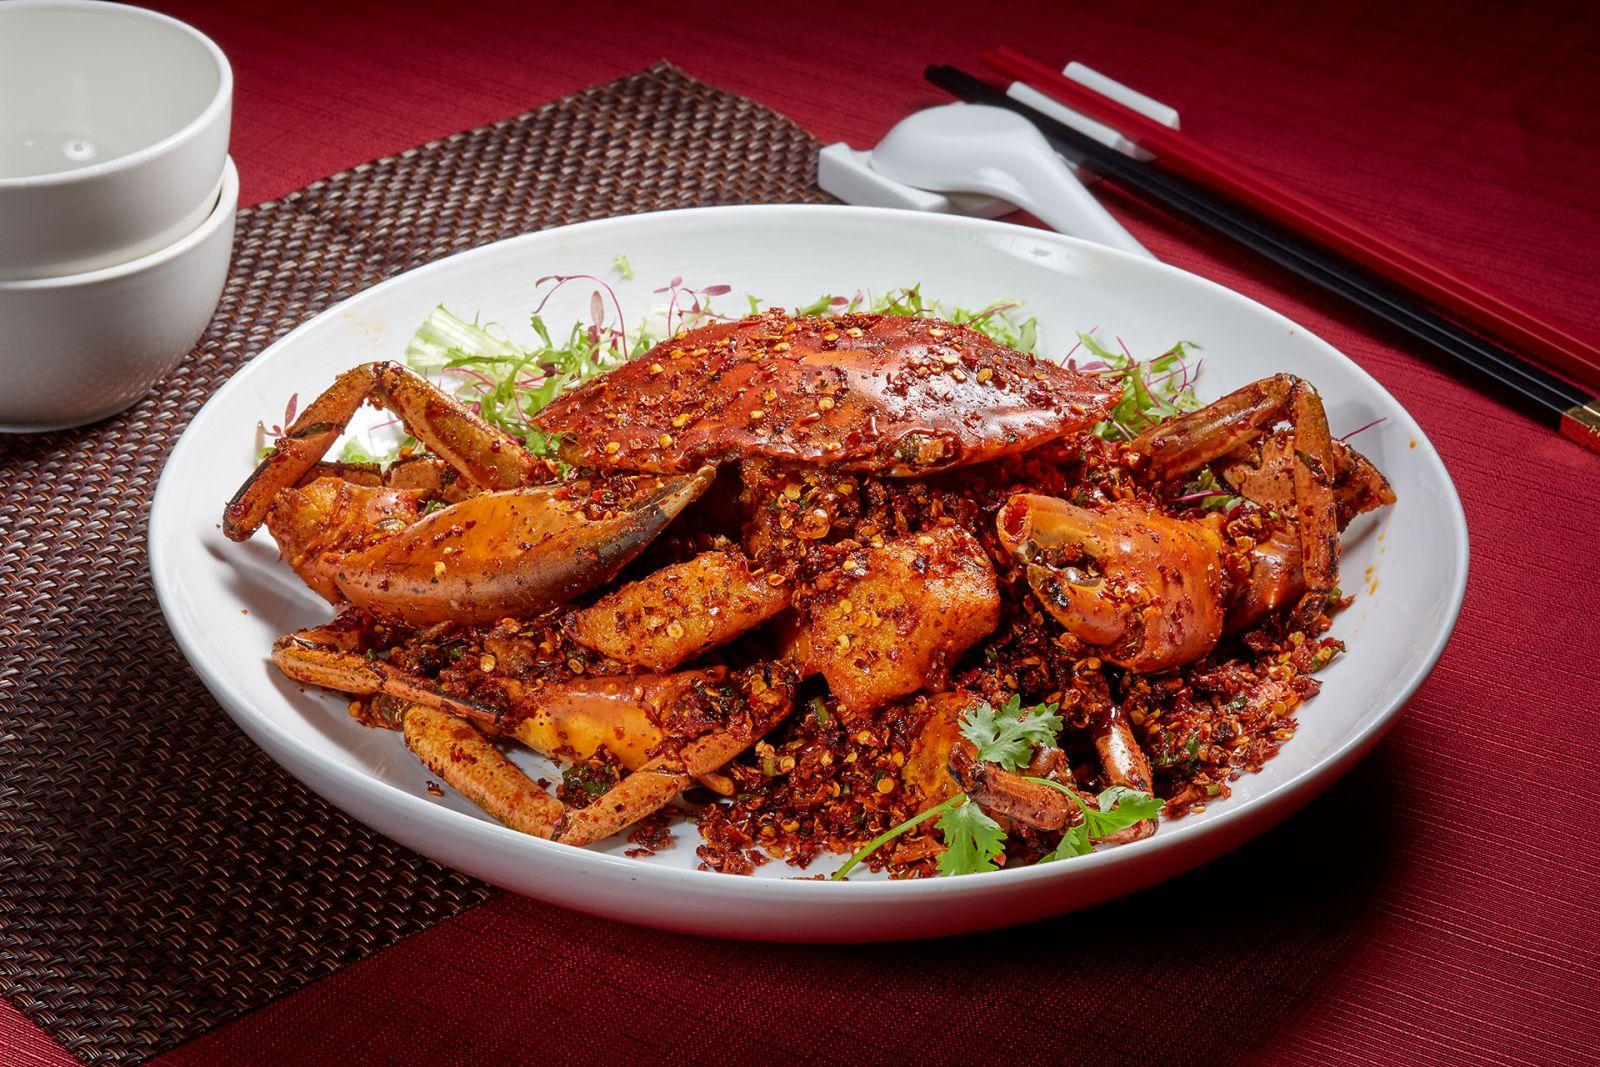 【品秋蟹趁現在】台北國賓推出秋蟹盛宴與個人獨享鮑魚套餐